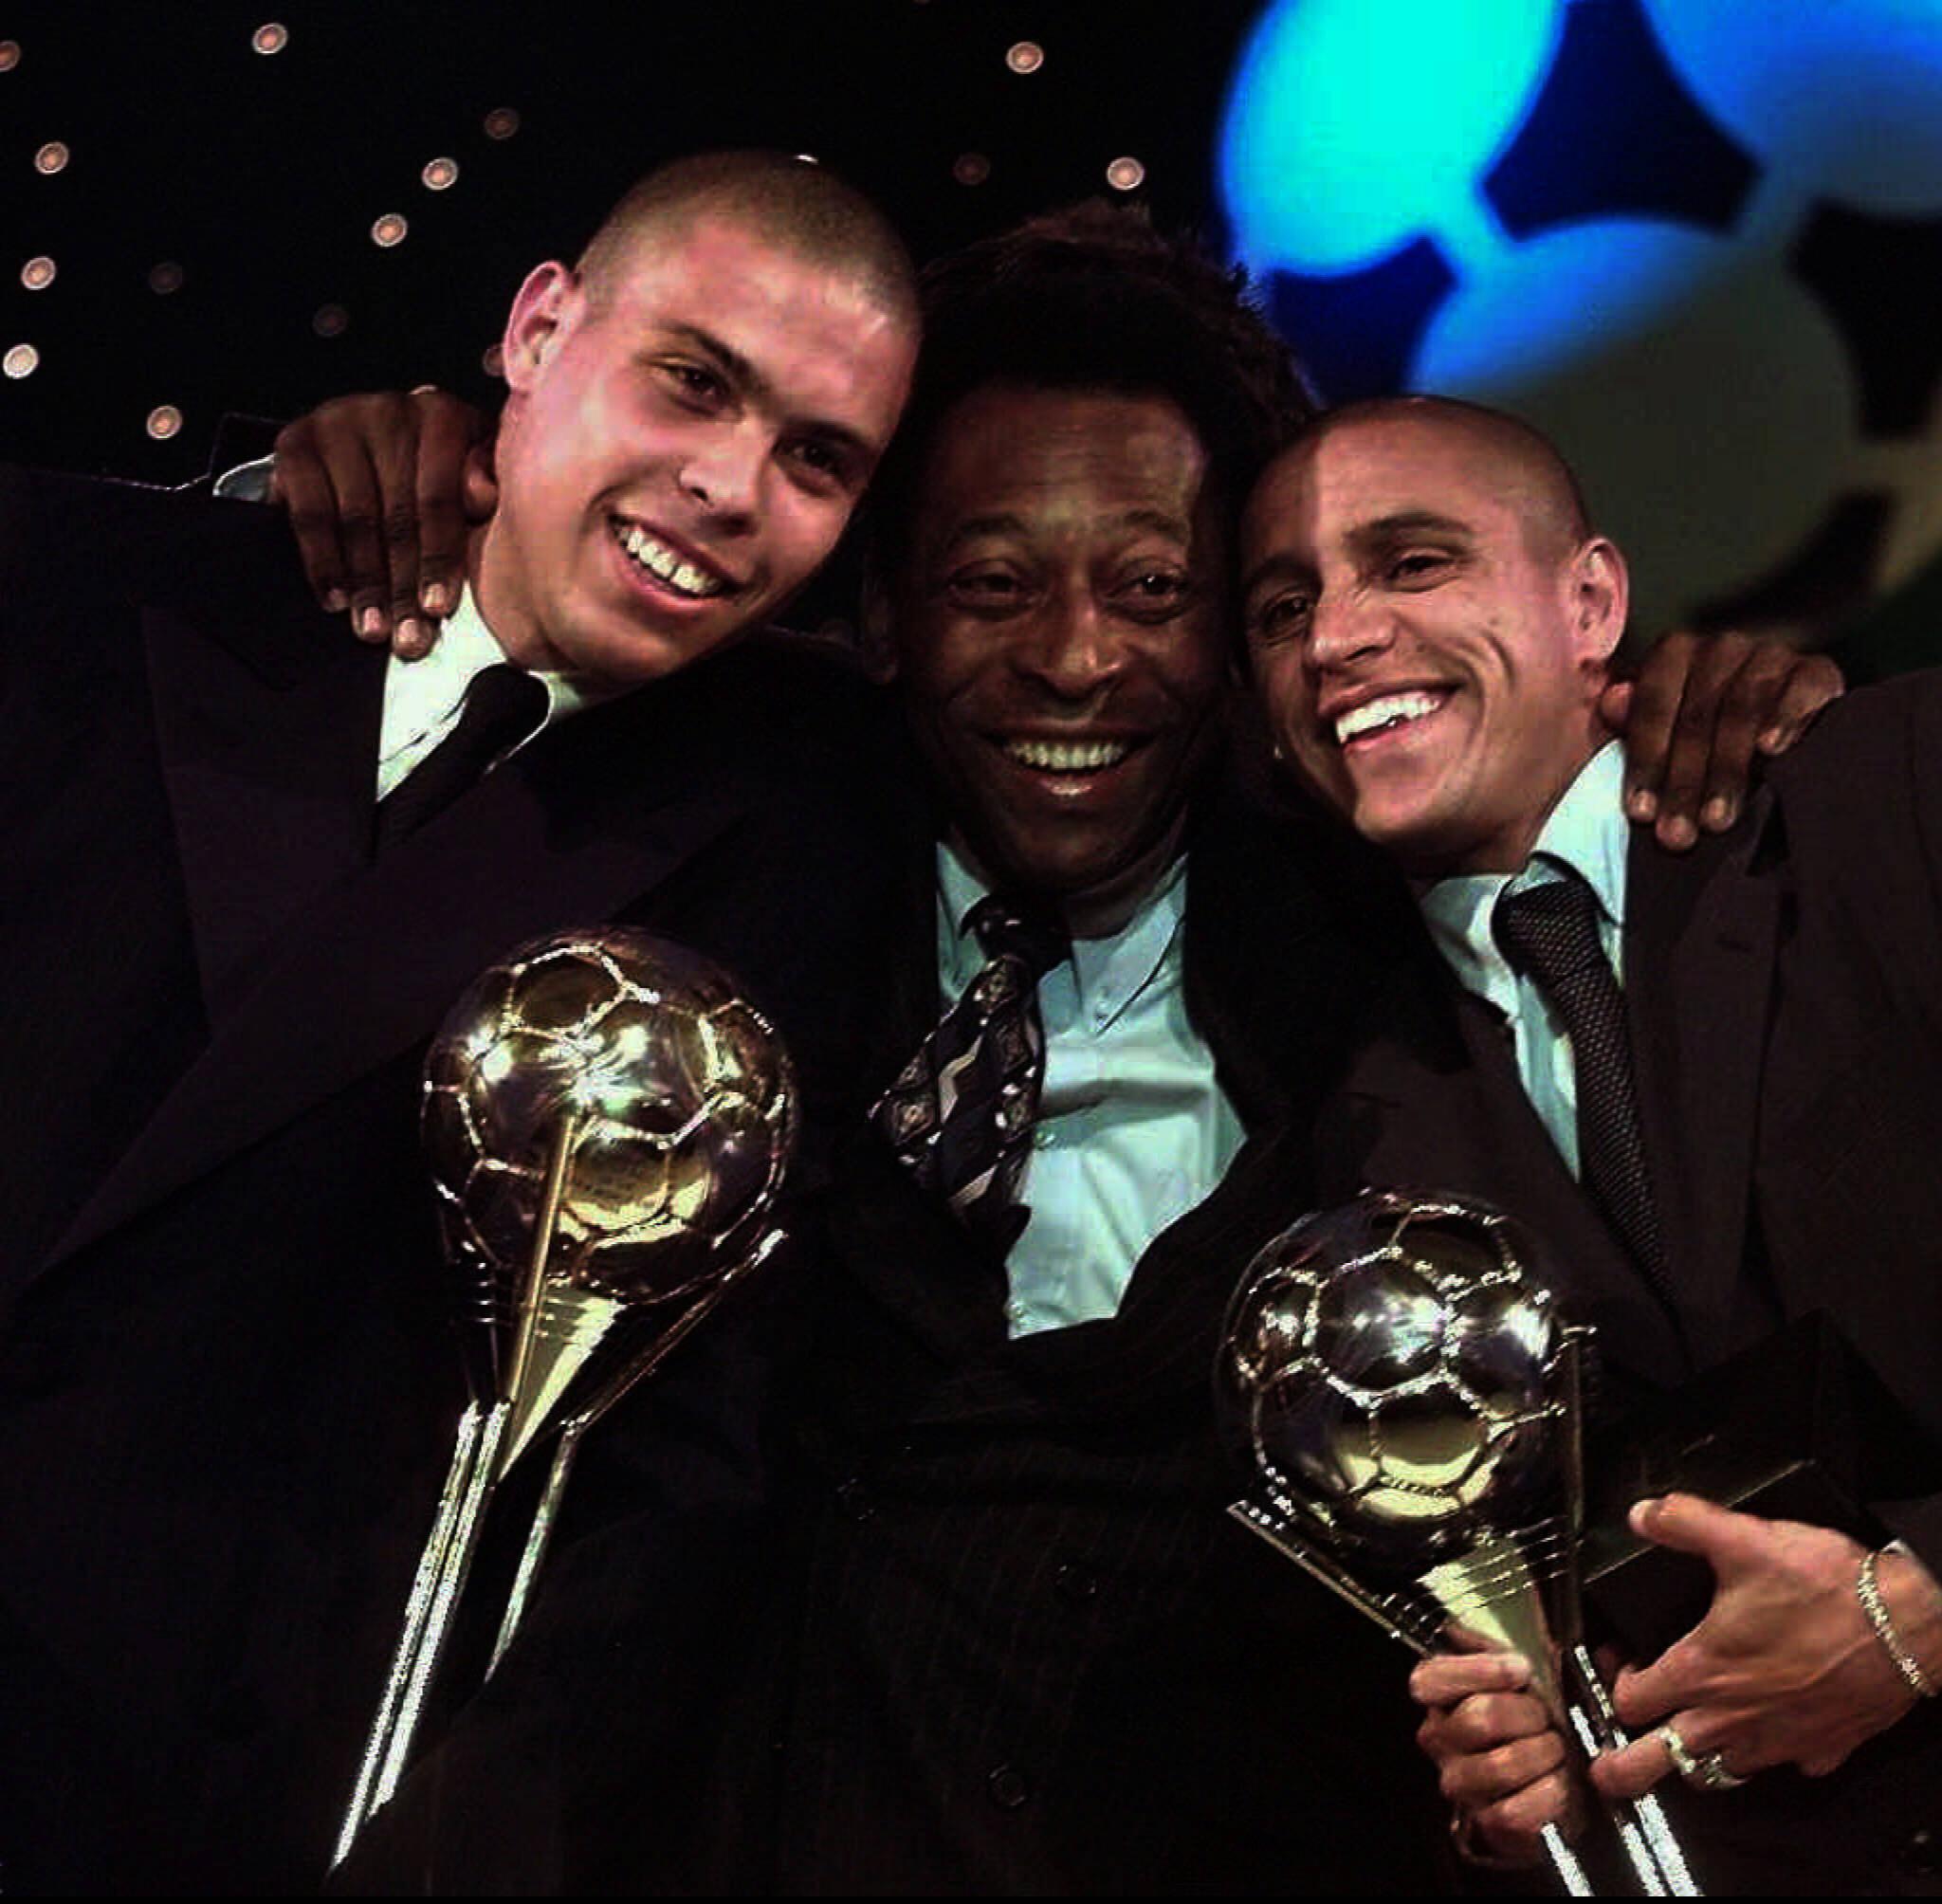 0c23652f9 Futebol – Entrega do troféu de melhor jogador do mundo 1998  os jogadores  Ronaldinho e Roberto Carlos ao lado do ministro Pelé. Brazilians Ronaldo   L  and ...